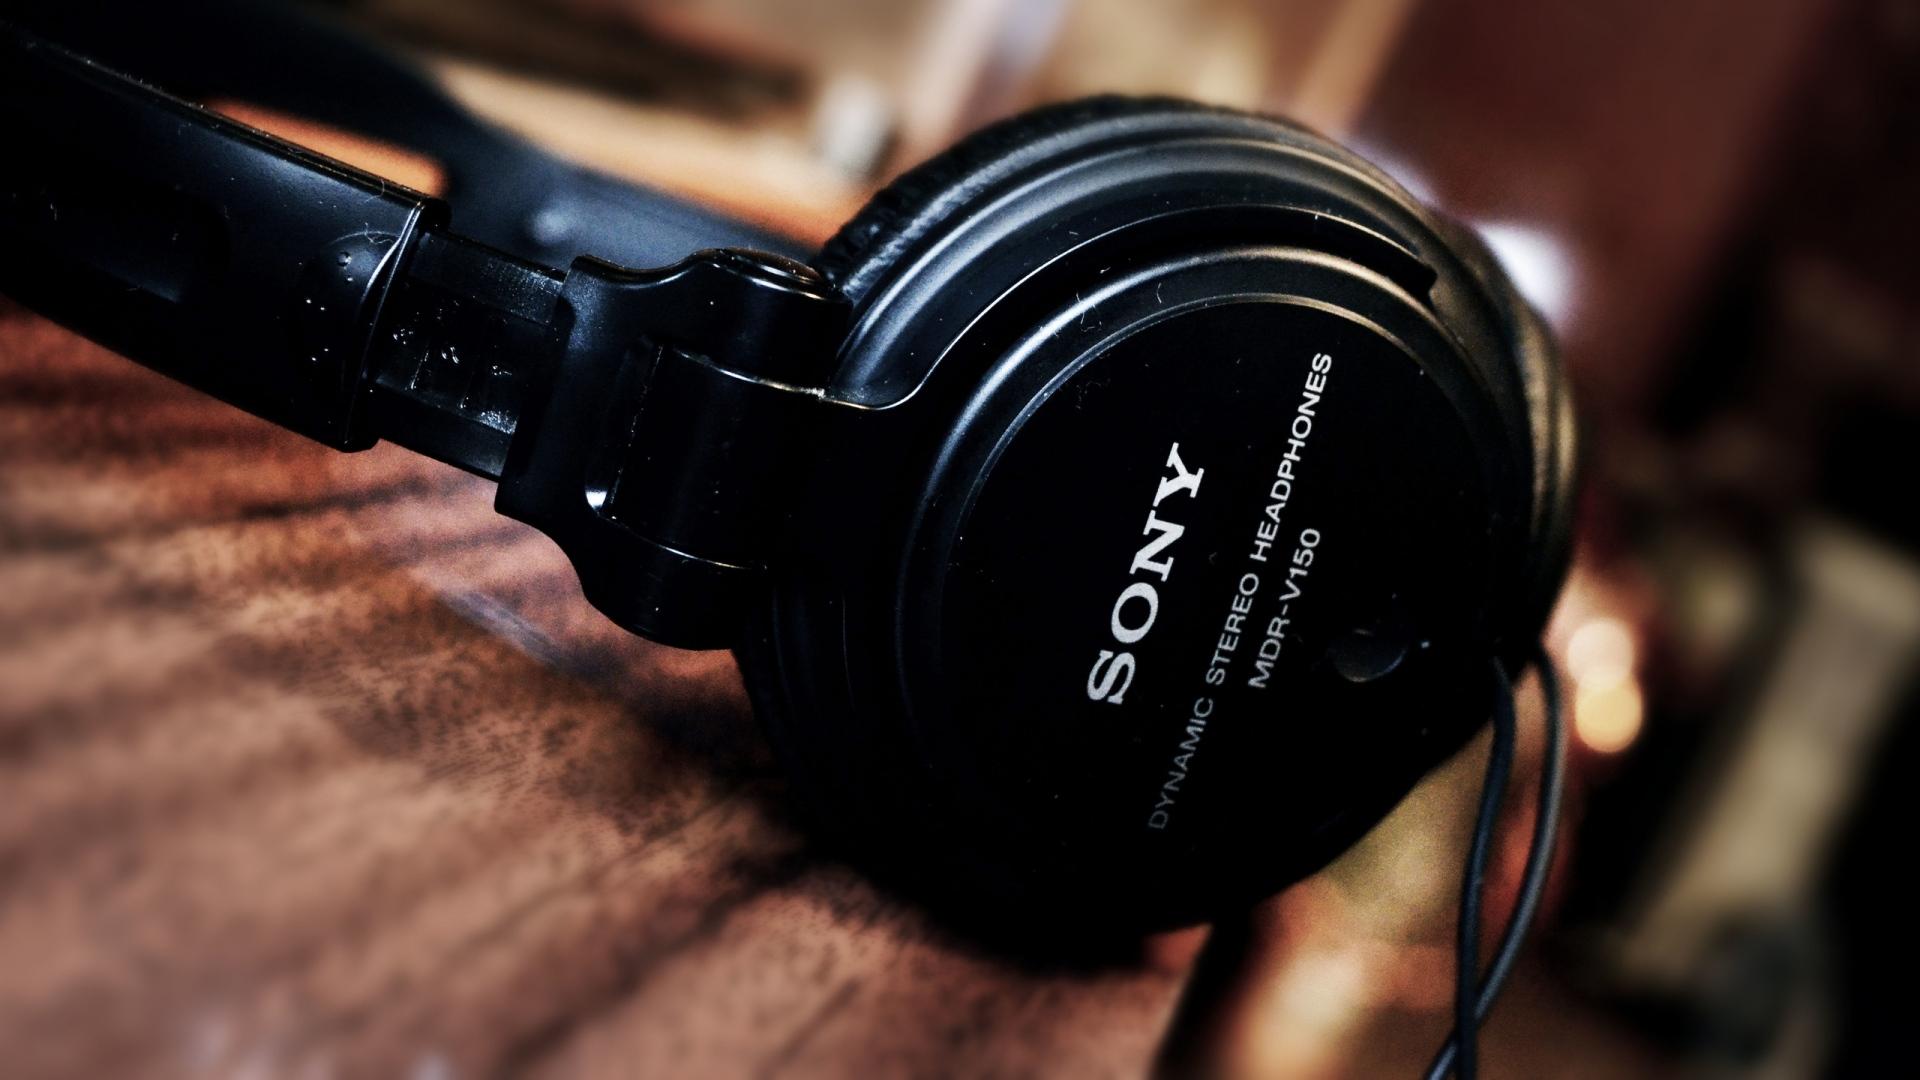 sony headphones desktop wallpaper 61802